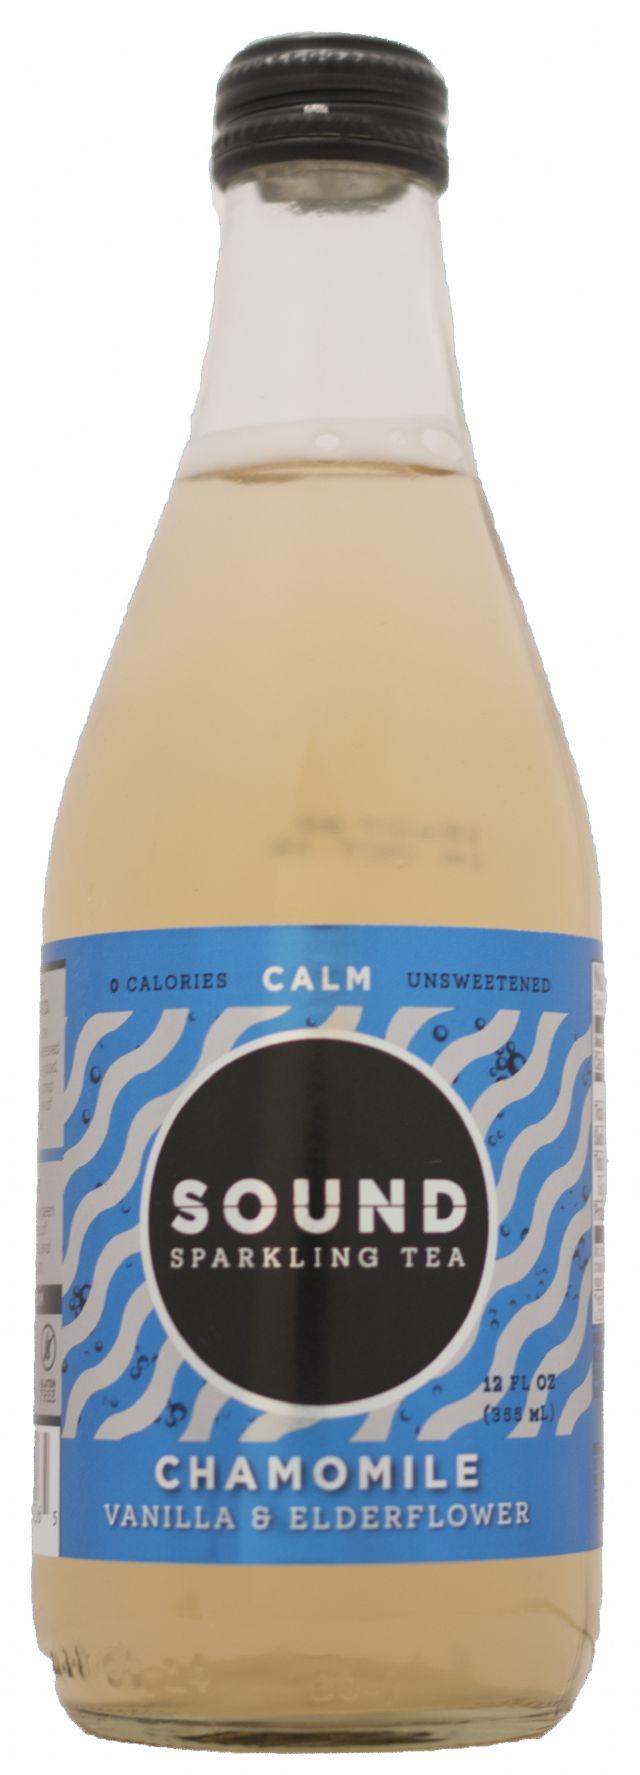 Sound Sparkling Tea: Sound Calm